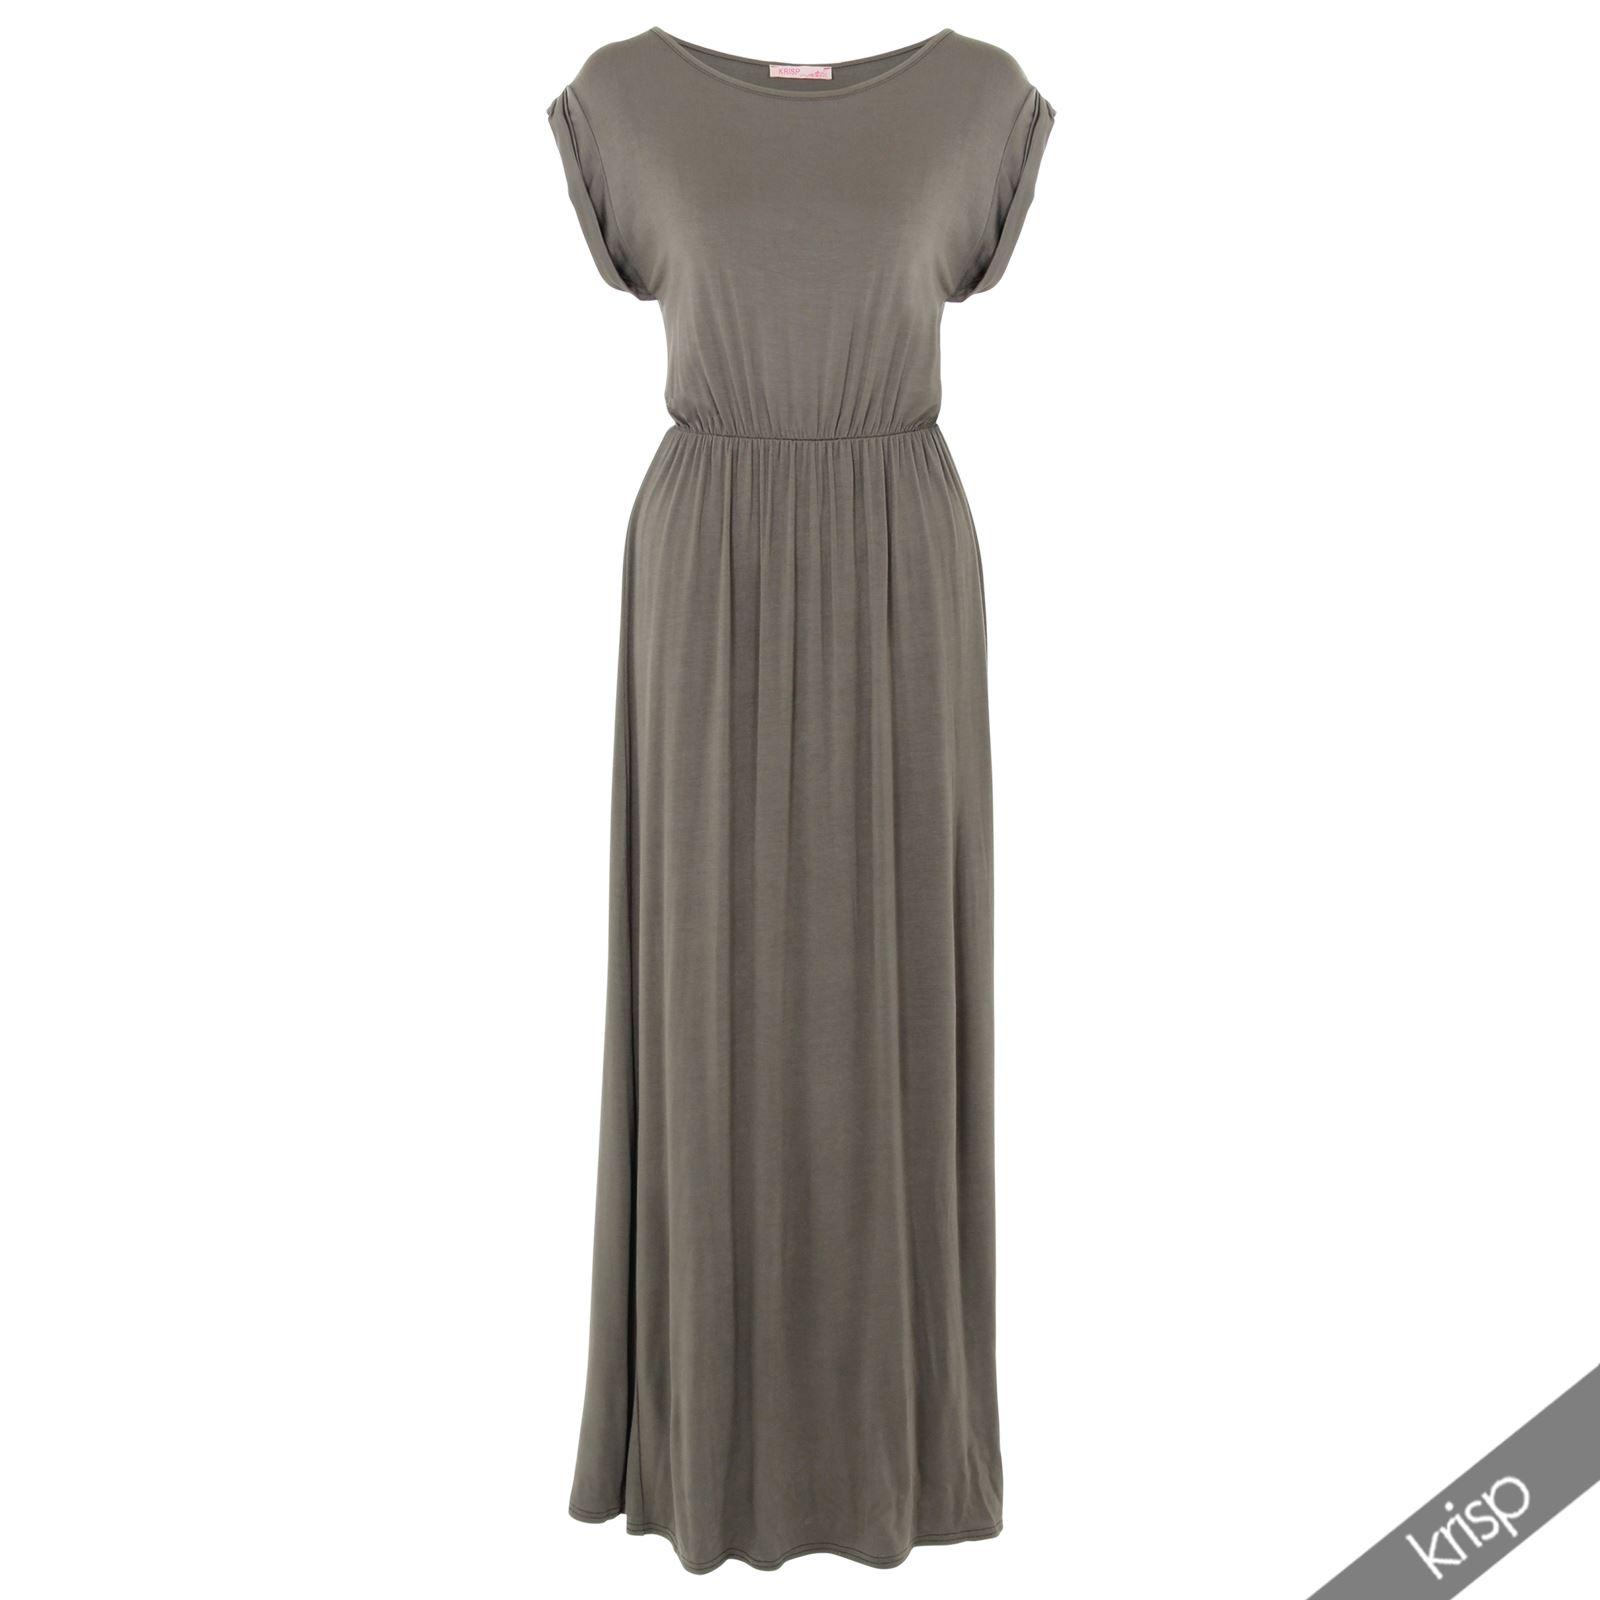 KRISP Womens Batwing Sleeve Top High Waist Long Jersey Maxi Dress Party Summer